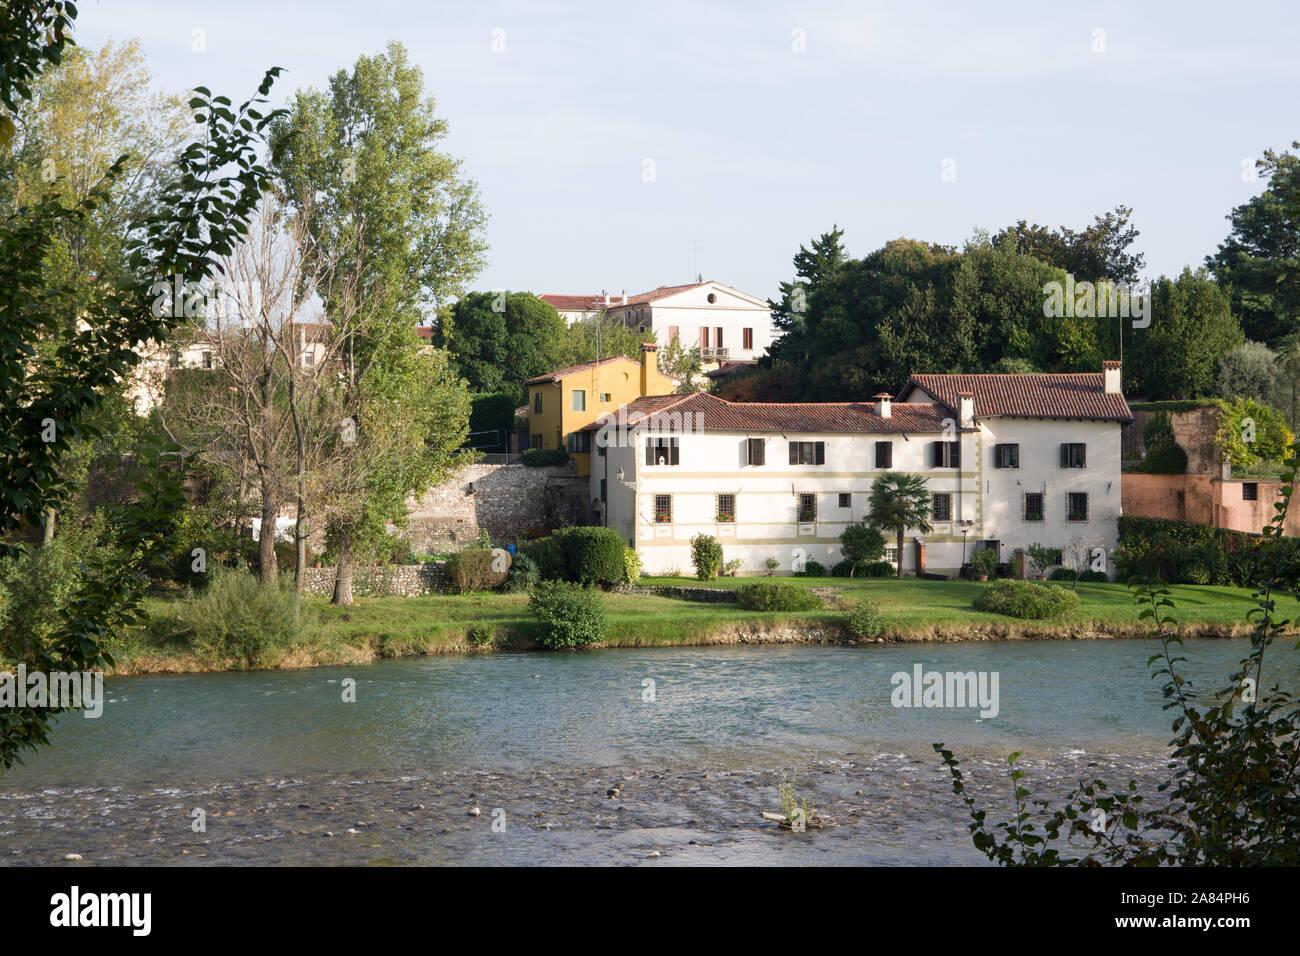 Bassano del Grappa, Italia, 10/22/2019 , vista de los edificios en el lado este del río Brenta en Bassano del grappa. Foto de stock